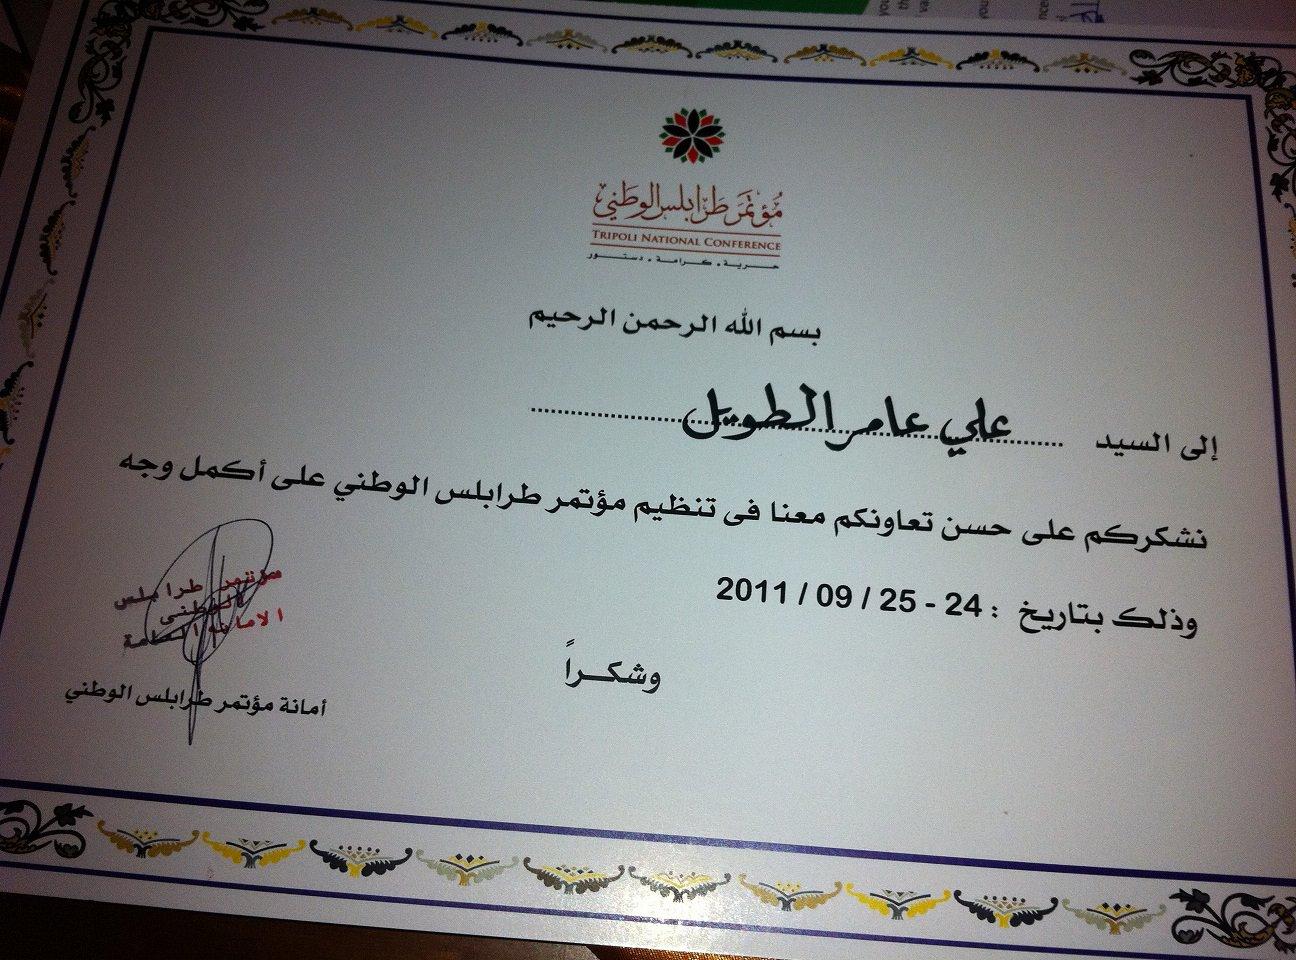 شهادة تقدير لمساهمتي في إنجاح مؤتمر طرابلس الوطني